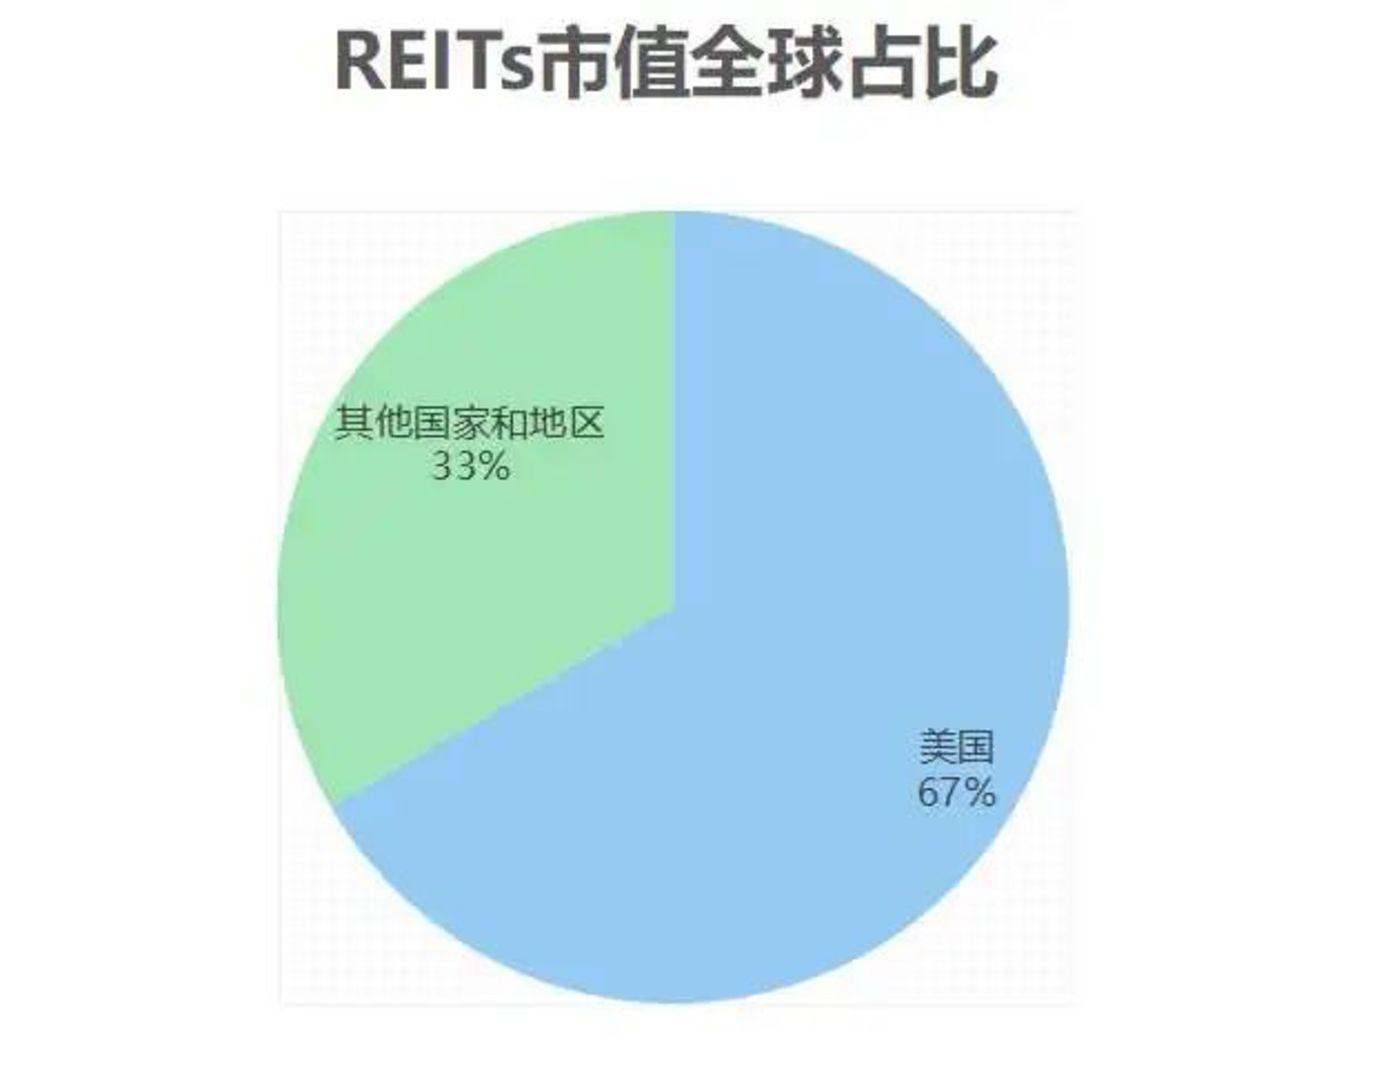 美国拥有全球第一大REITs市场